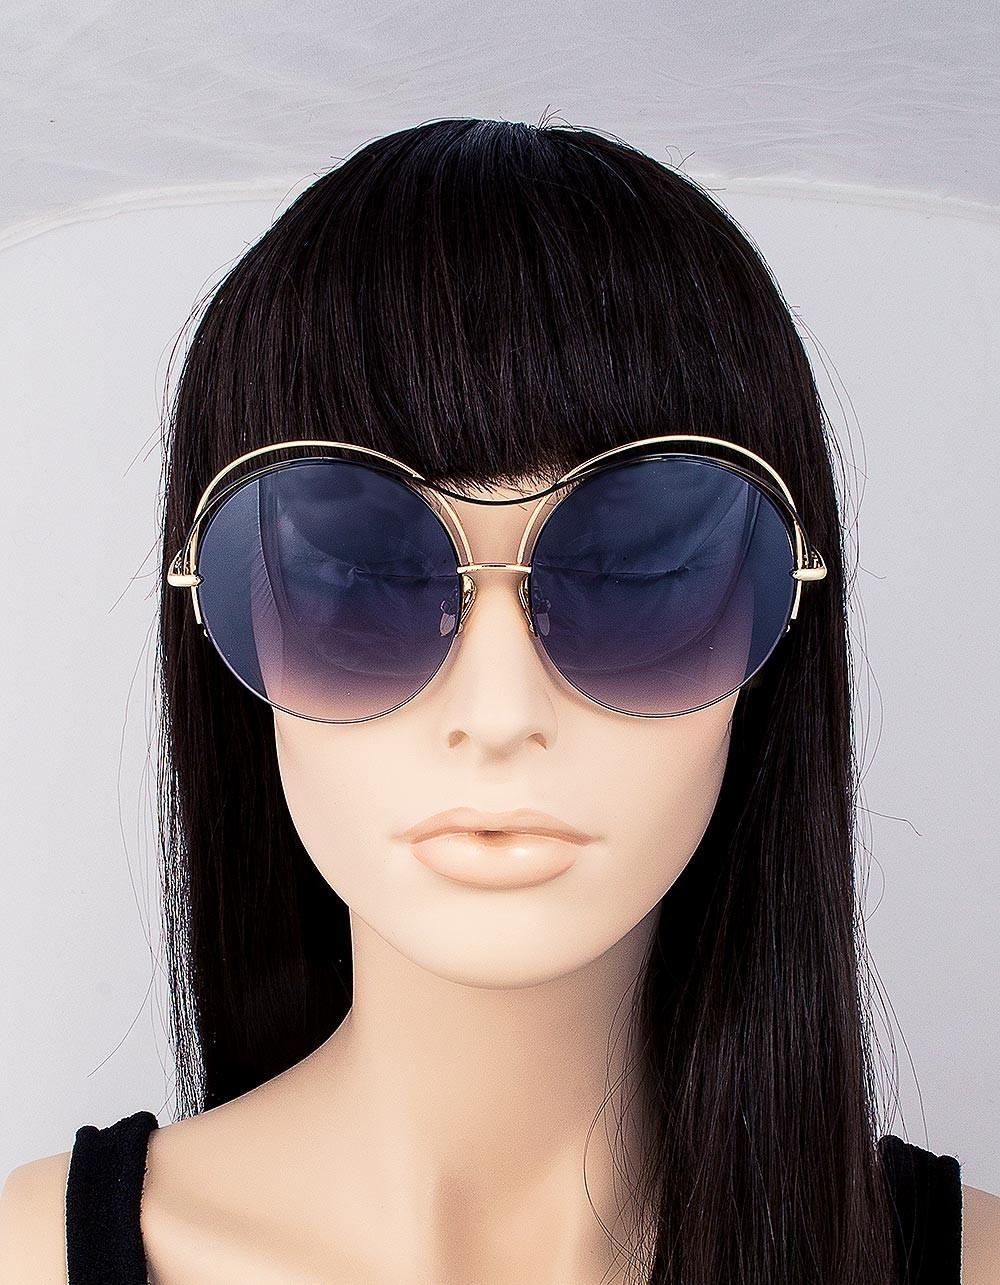 модные очки от солнца 2018: очки круглые оверсайз двойная оправа